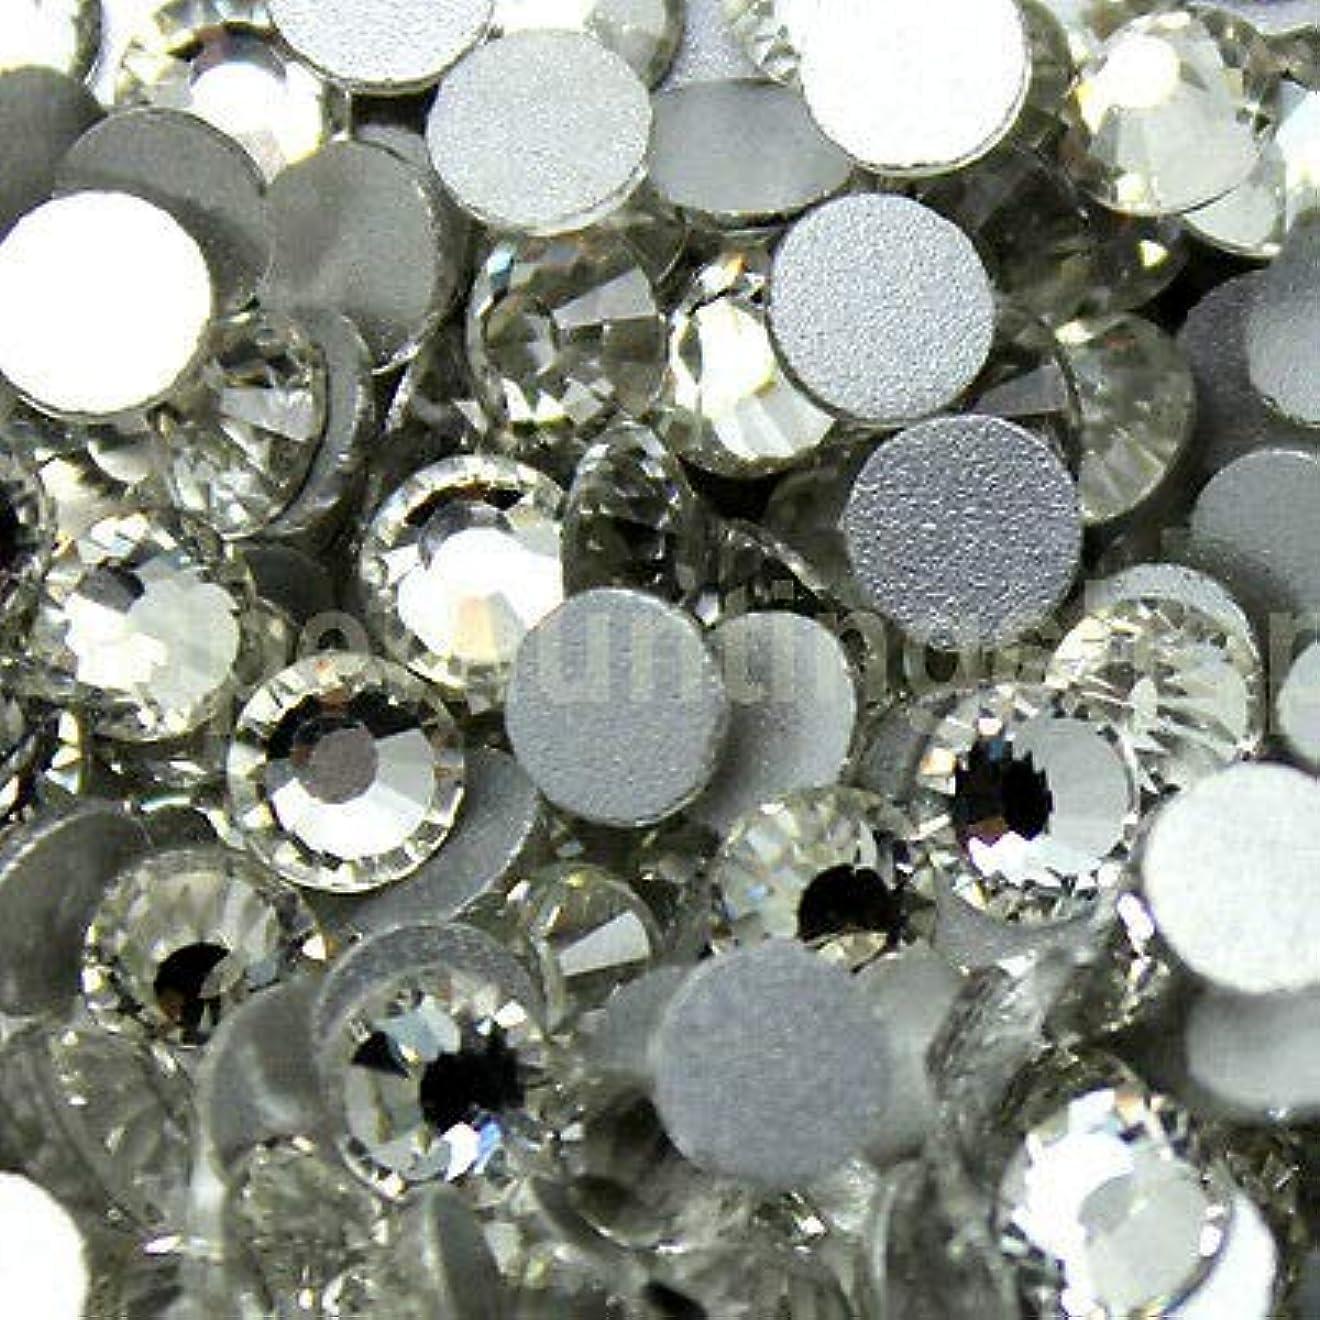 冷蔵する北米またねFidgetGear DIY 1.3-8.5 mmクリスタルヒラタラインストーンネイルアートデコレーションSS3-SS40 結晶